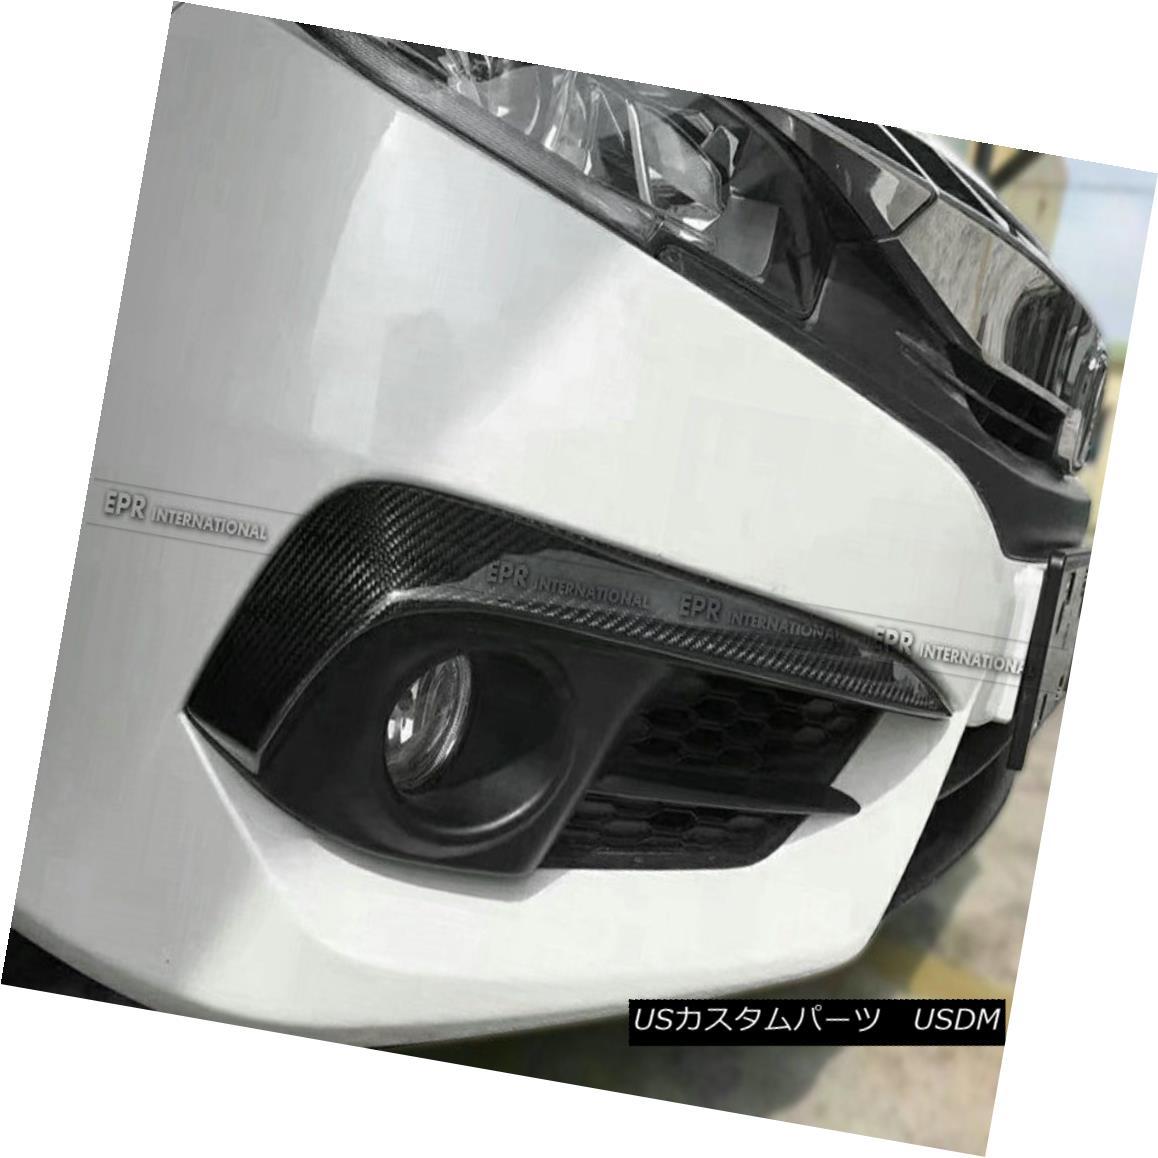 エアロパーツ CM Style Front Bumper Canard Splitter For 10th Generation Civic FC Carbon Fiber 第10世代シビックFCカーボンファイバー用CMスタイルフロントバンパーカナードスプリッター